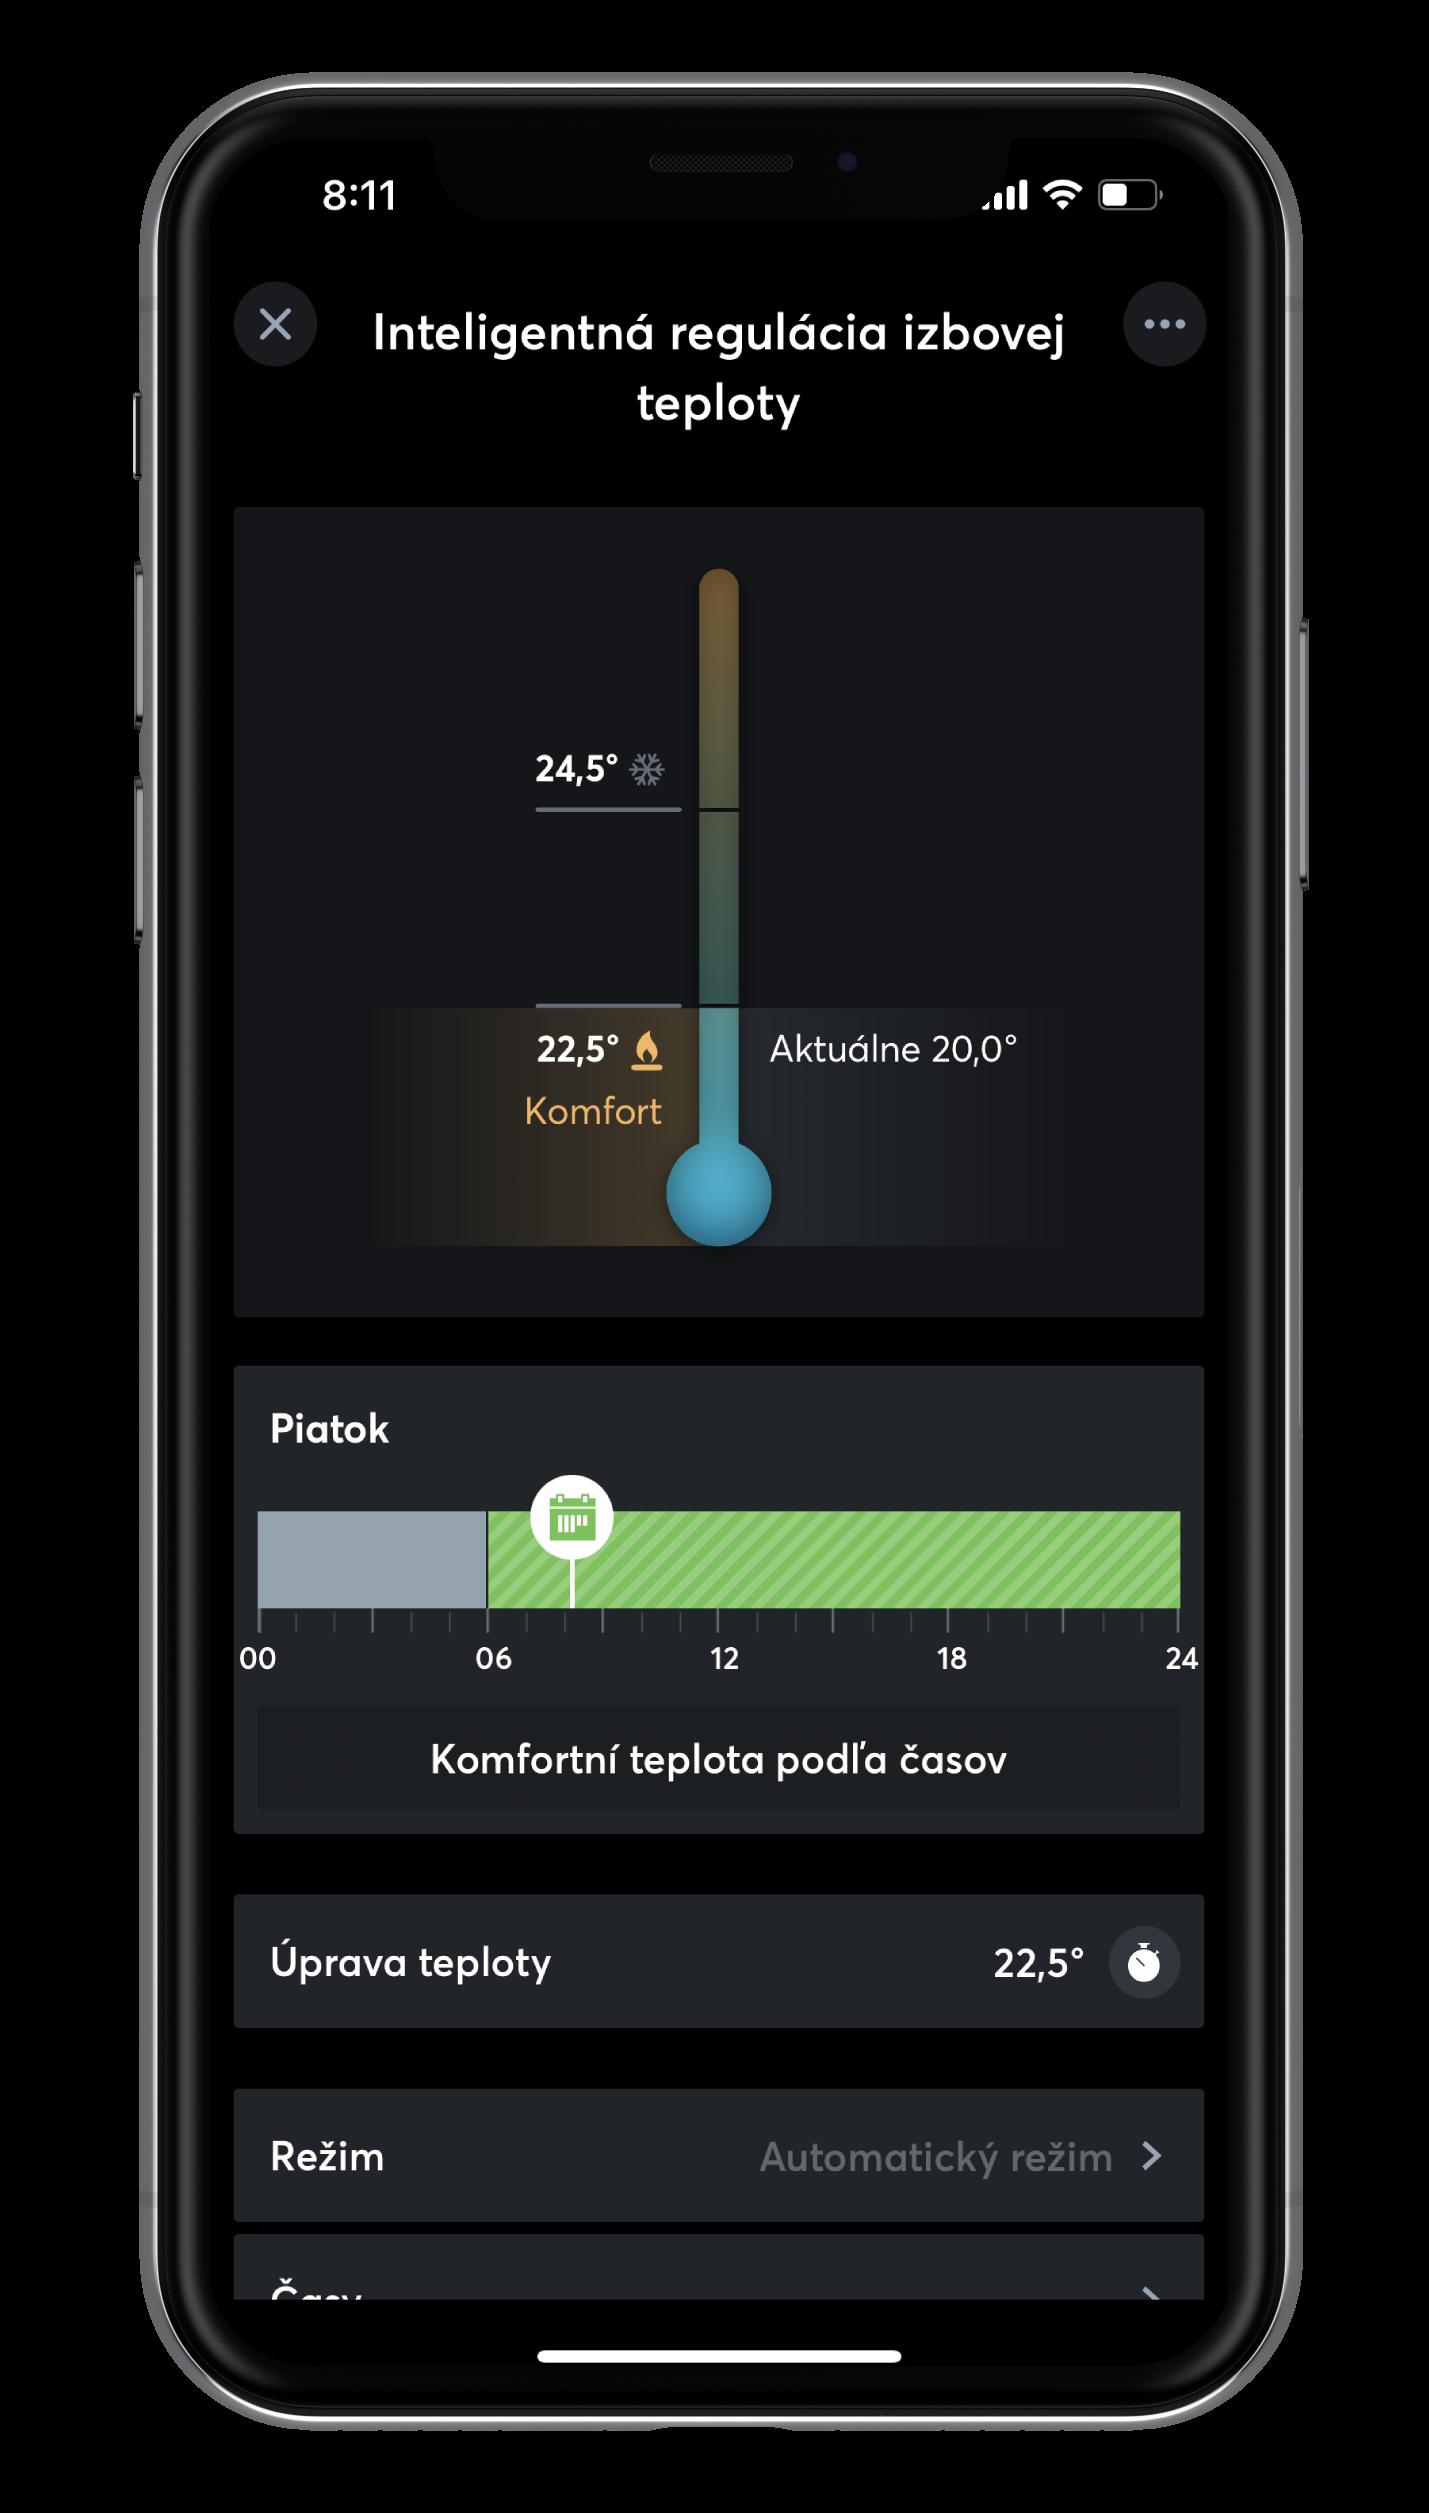 Inteligentná regulácia teploty v App